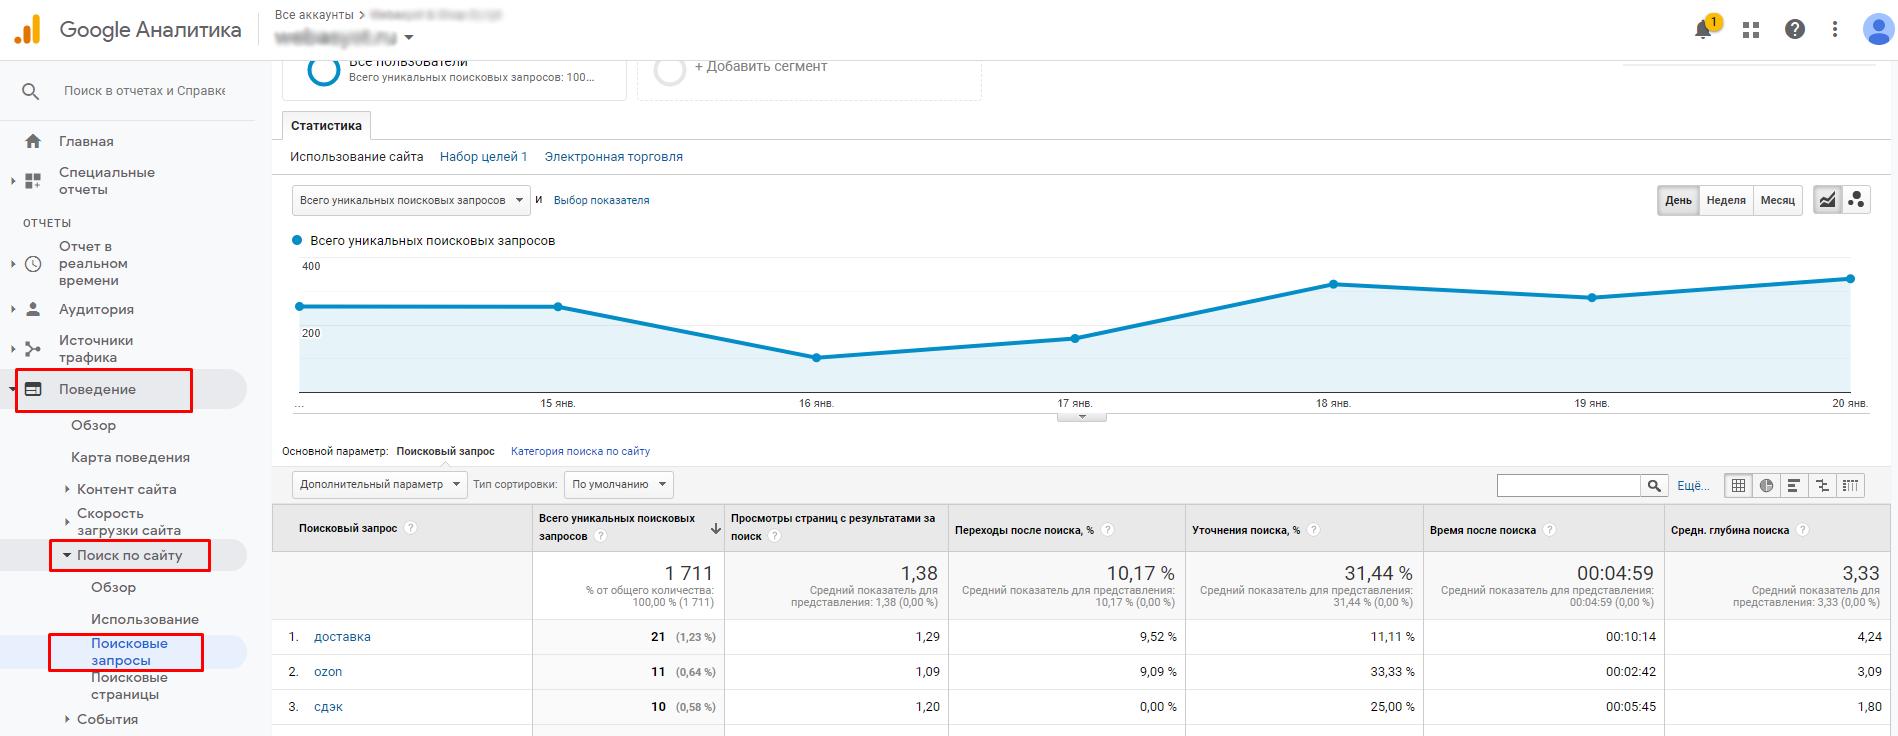 Поиск по сайту в Google Analytics